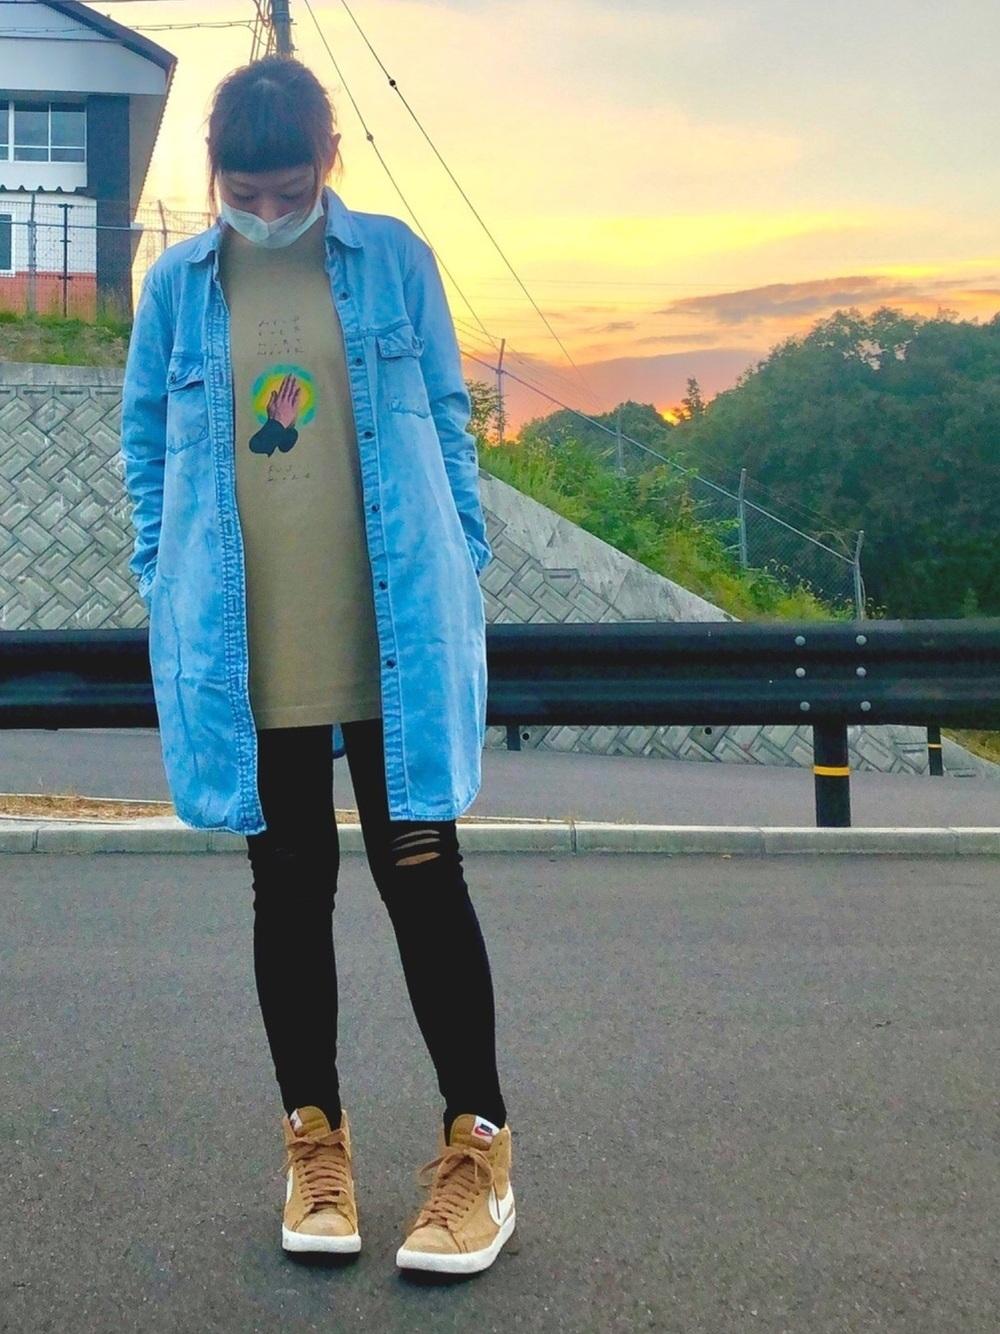 ボリューミーハイカットスニーカー×黒スキニー high-cut-sneaker-ladies-style-with-black-skinny